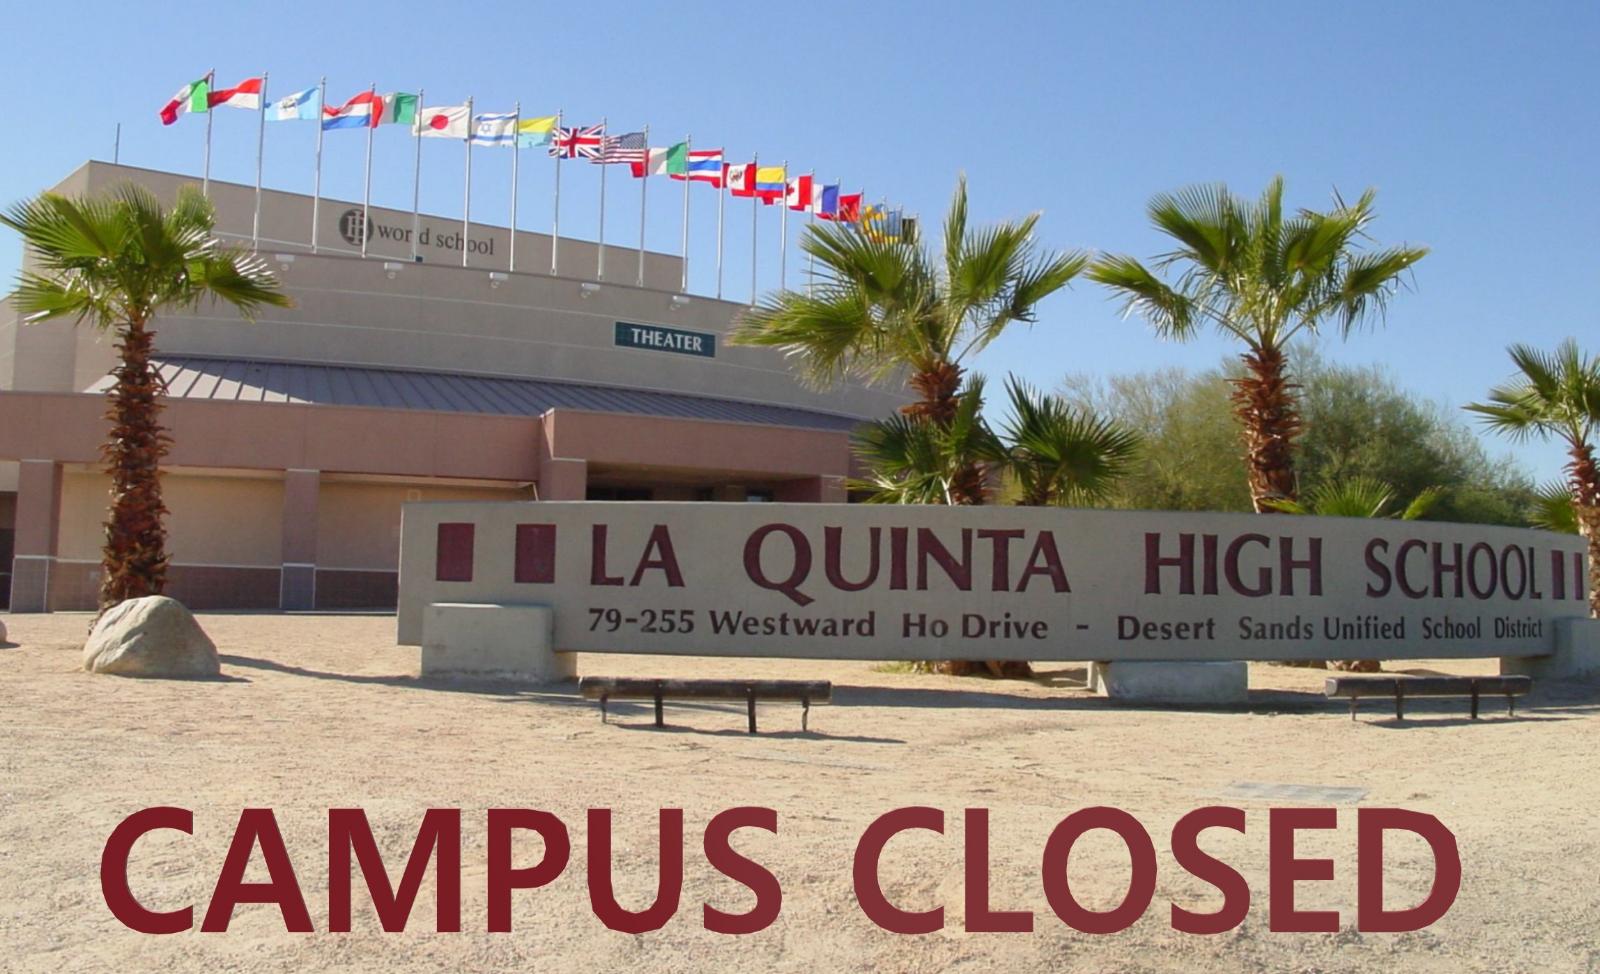 LQHS Campus Closed